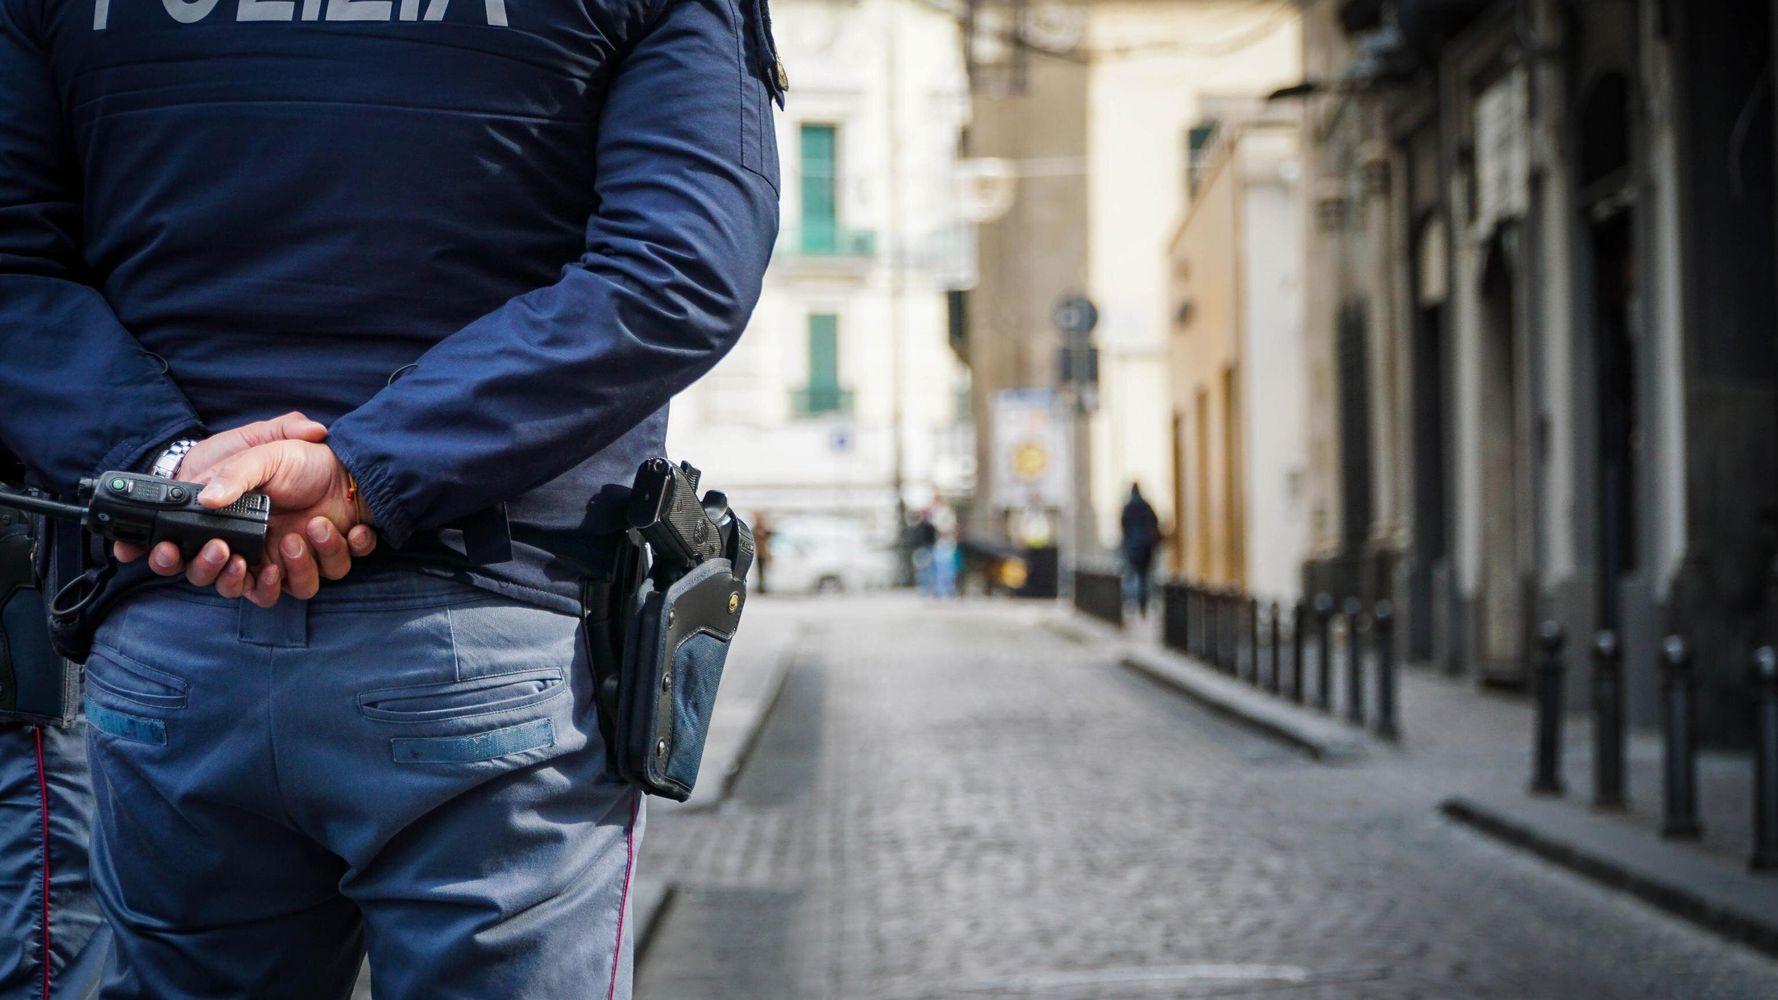 Vendevano Permessi Di Soggiorno Da 500 A 5mila Euro Arrestati Sei Poliziotti A Milano L Huffpost